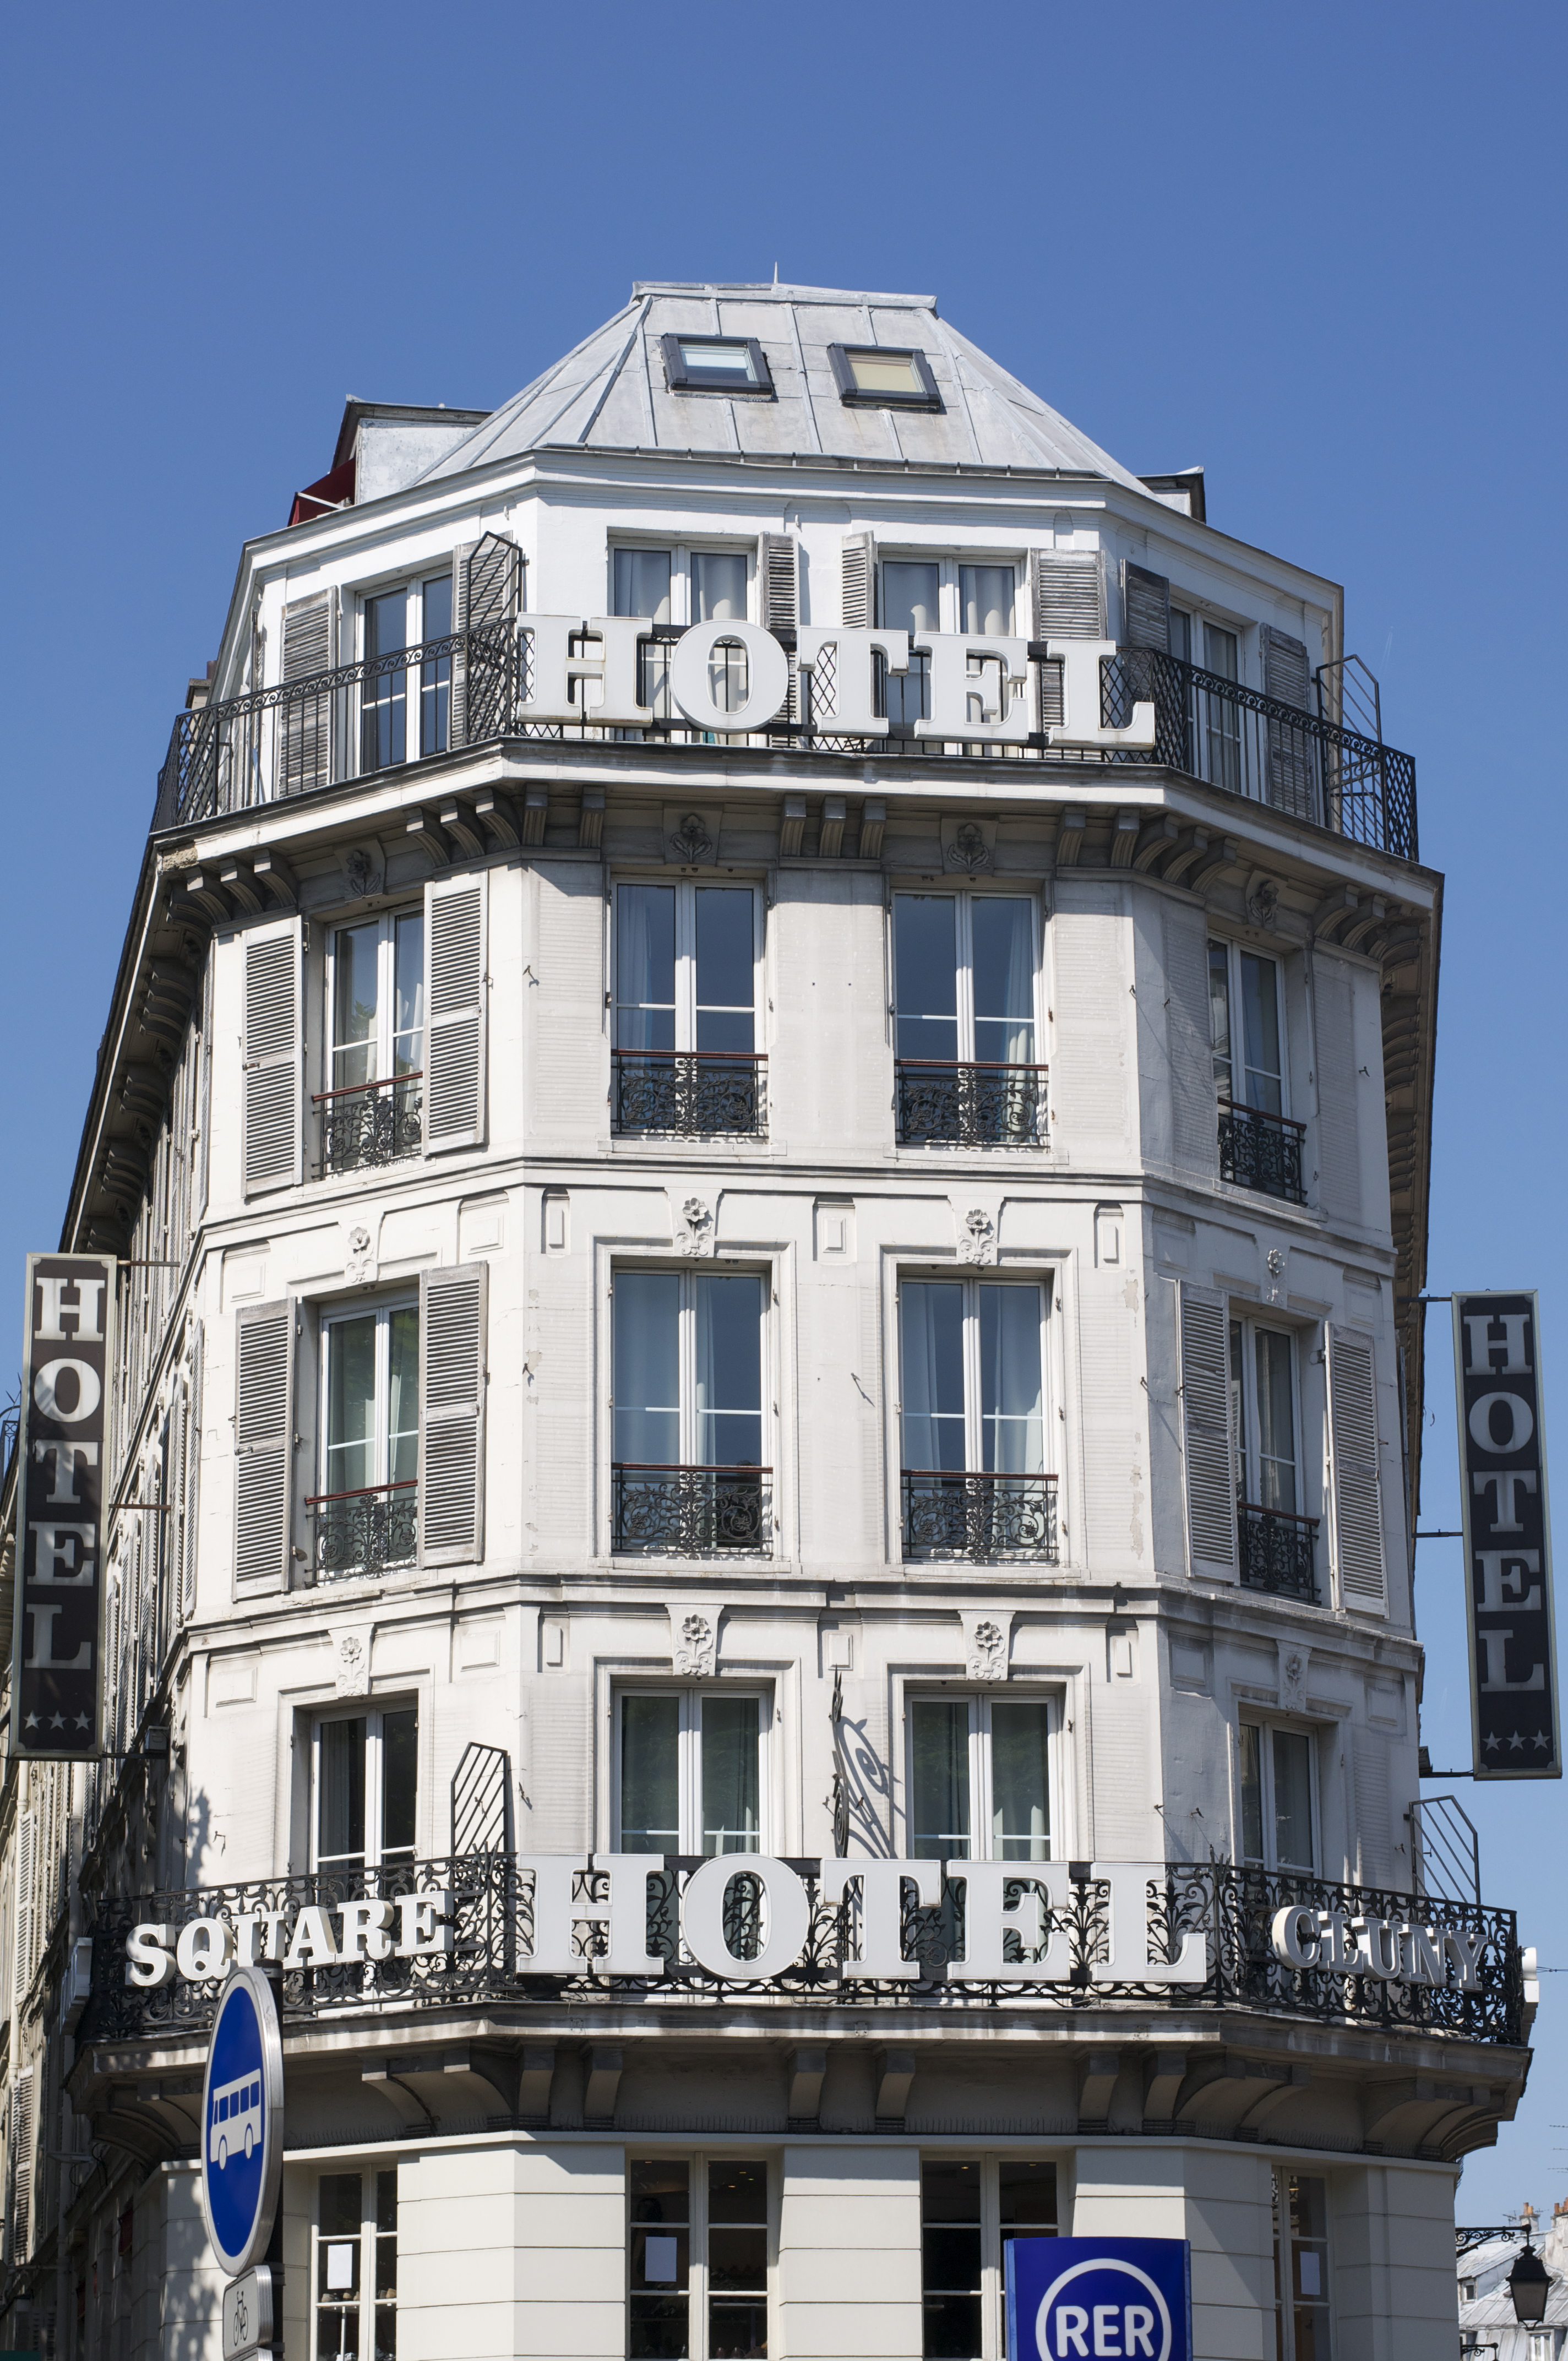 Hotel Cluny Square  Boulevard Saint Michel  Paris France